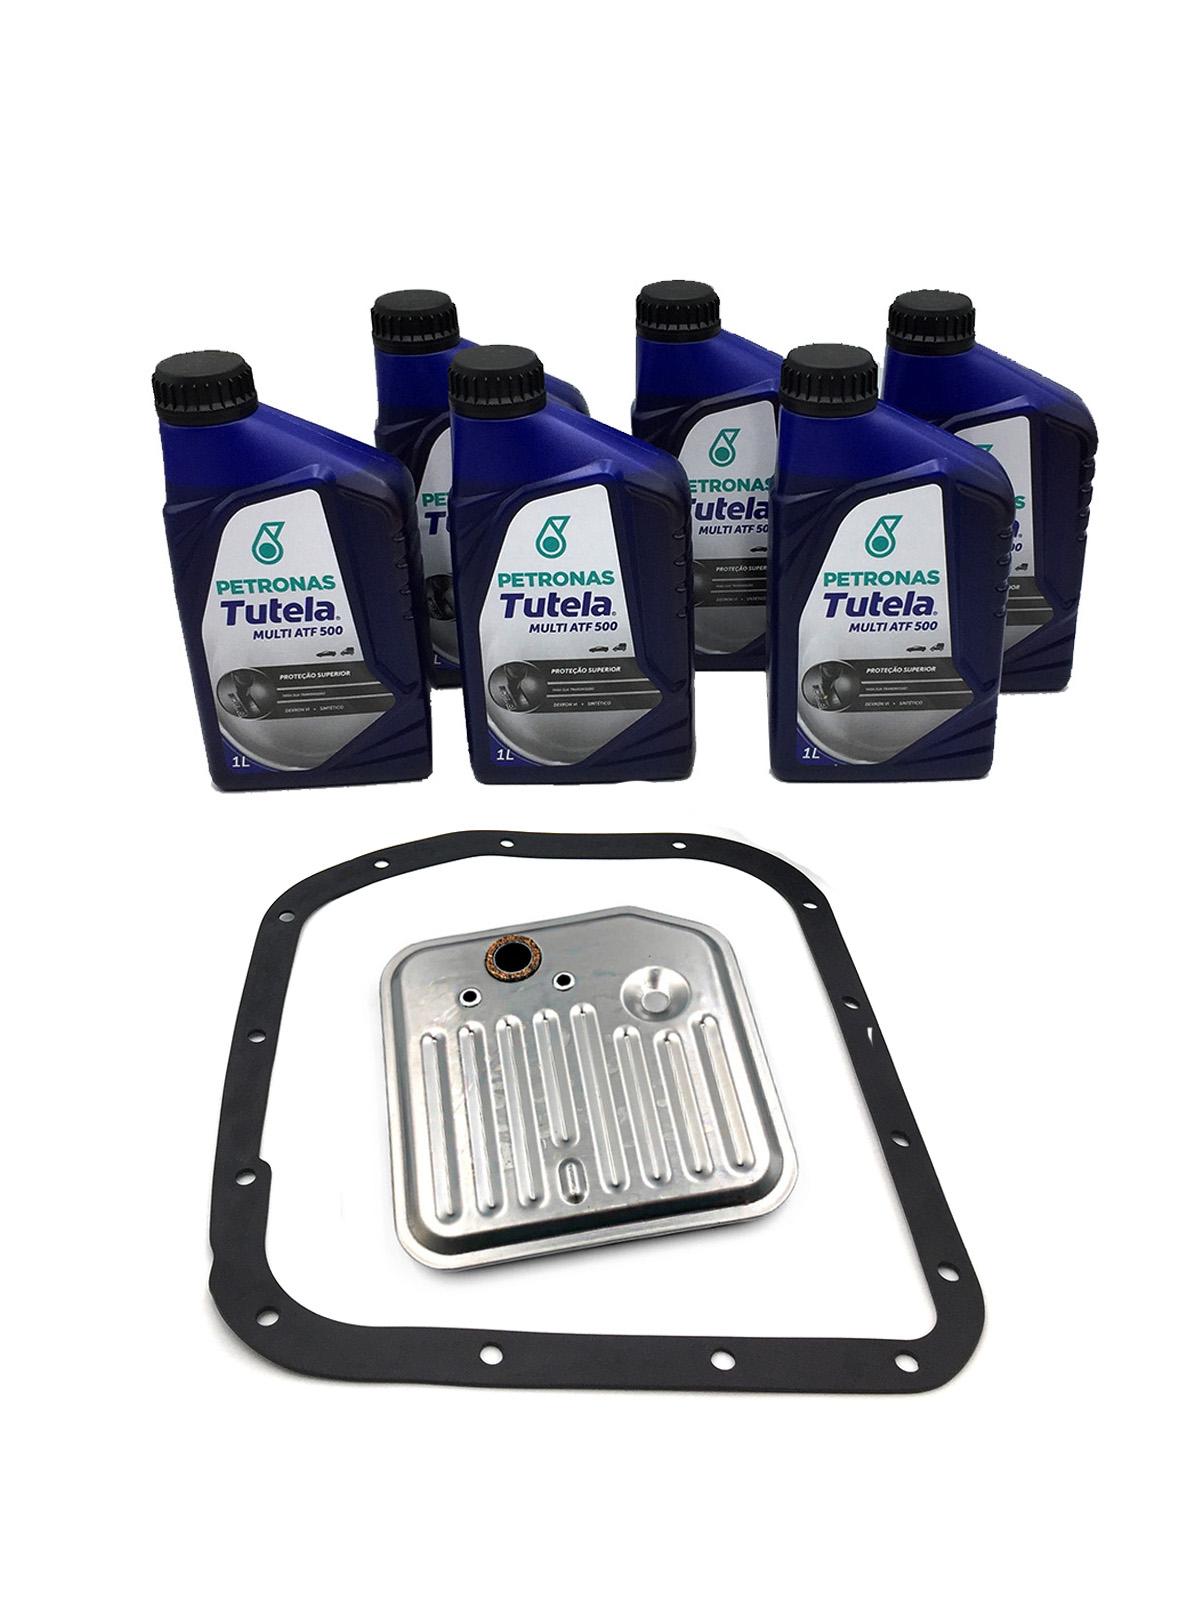 Kit Troca de Óleo Petronas Tutela Multi ATF 500 | Dexron VI (06 Lts.) com Filtro de Óleo - Câmbio A500 - Dodge e Jeep